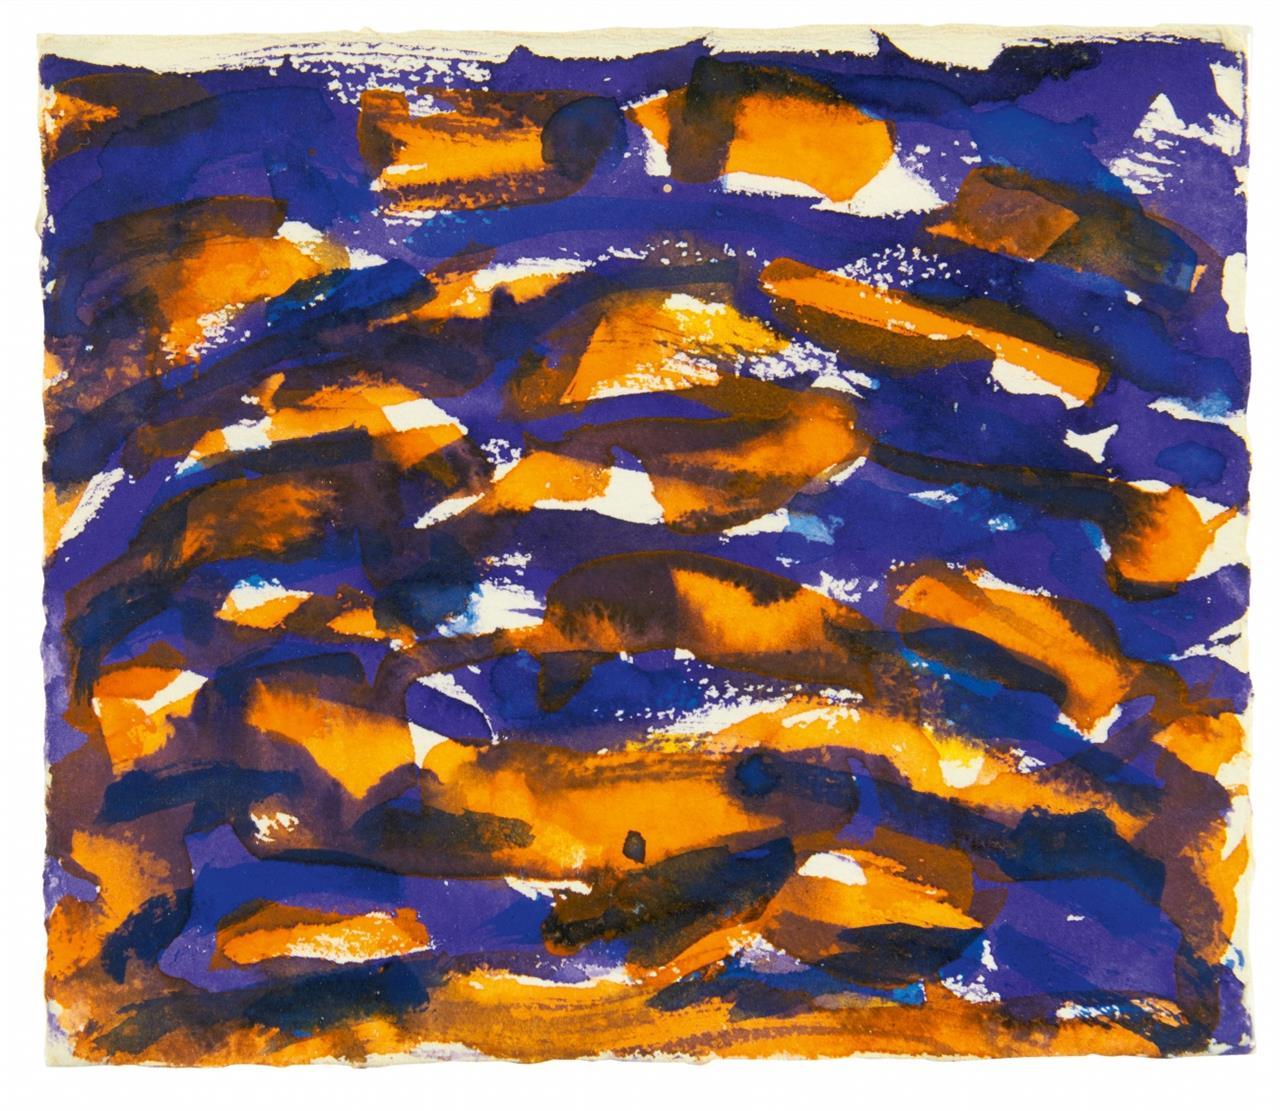 Günther Uecker. Wüstenblühen. 1987. Aquarell. Signiert.